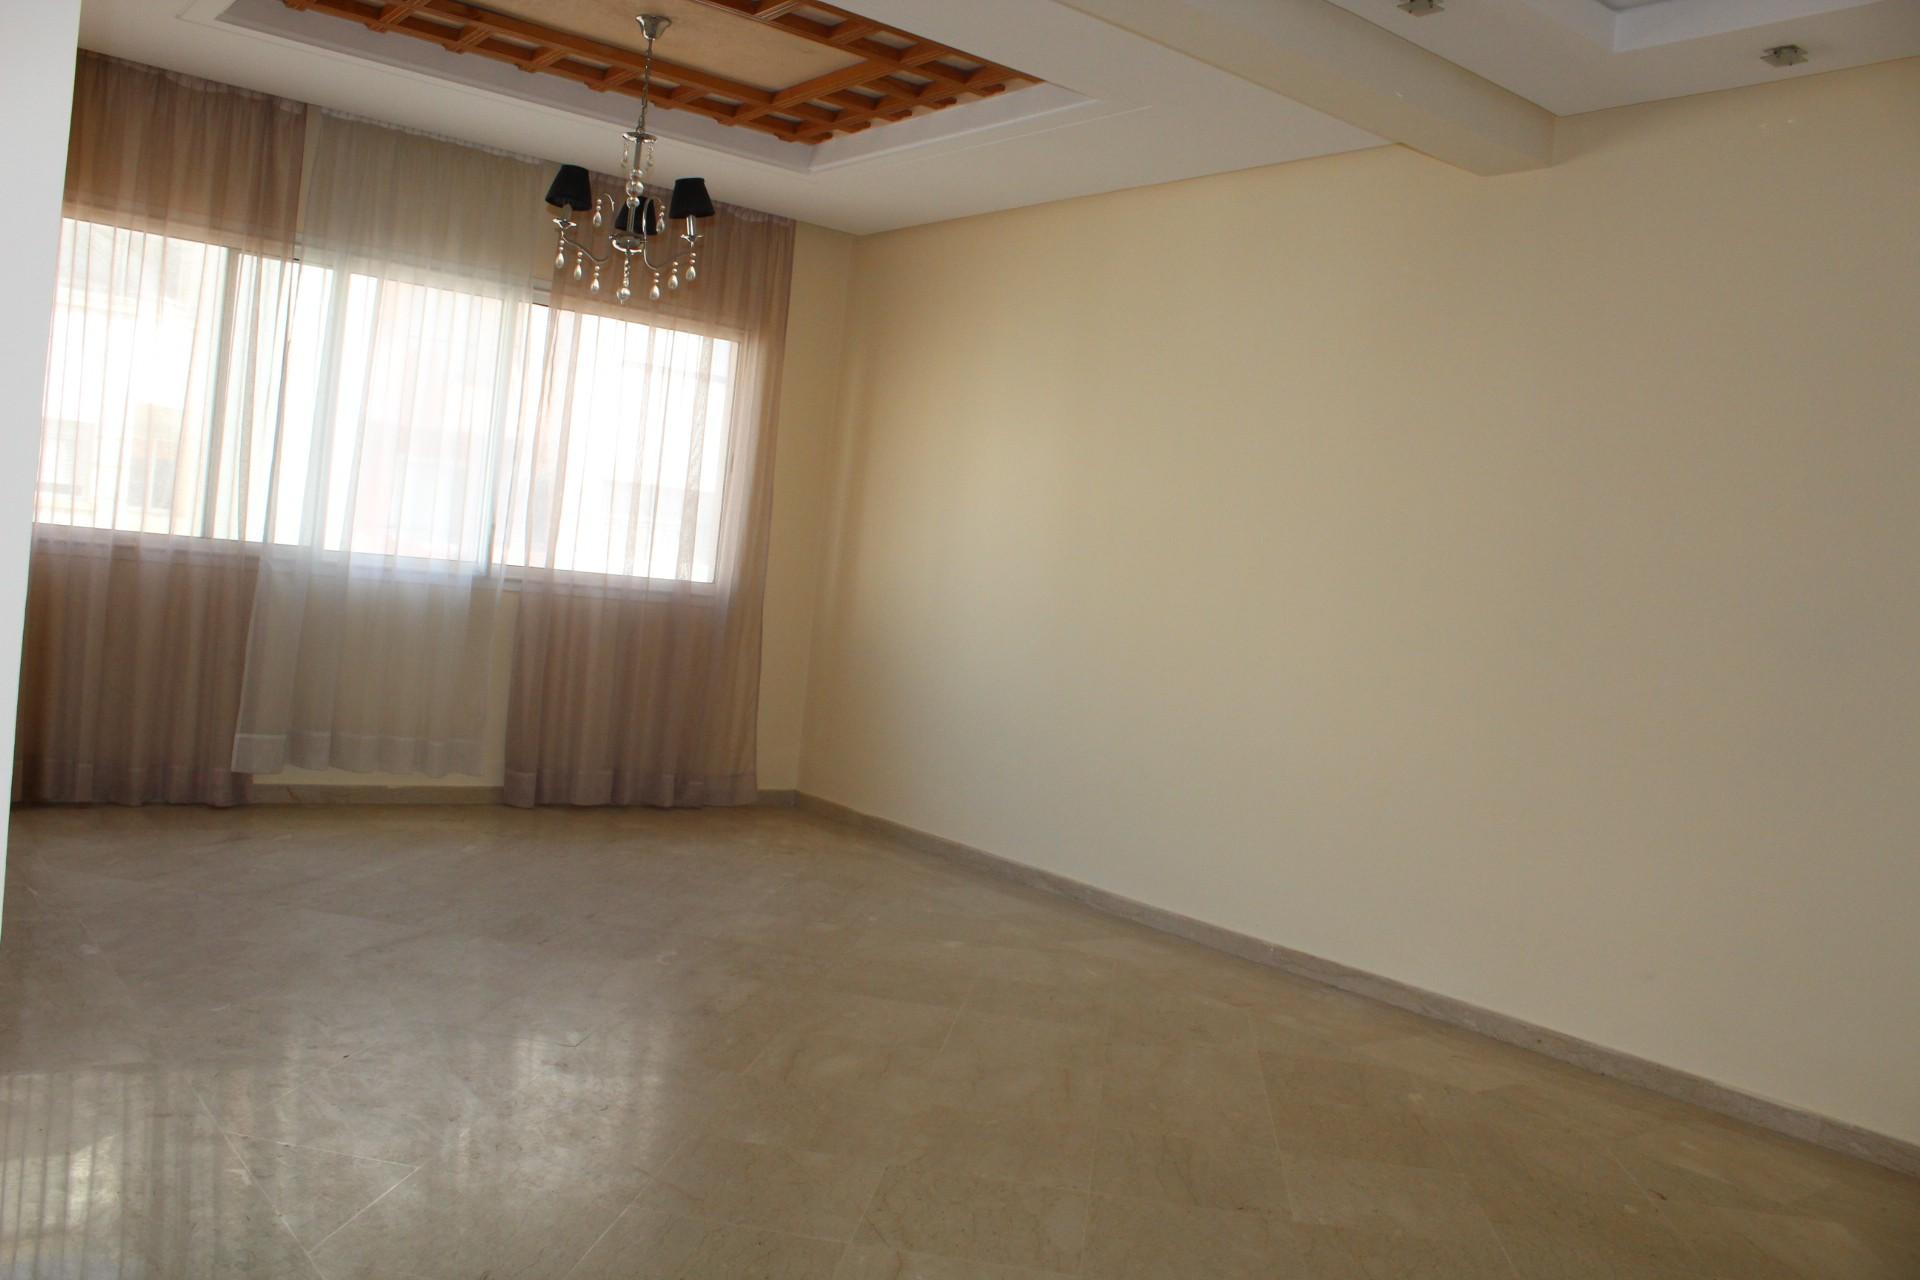 Casablanca, location sur palmier, confortable et lumineux appartement